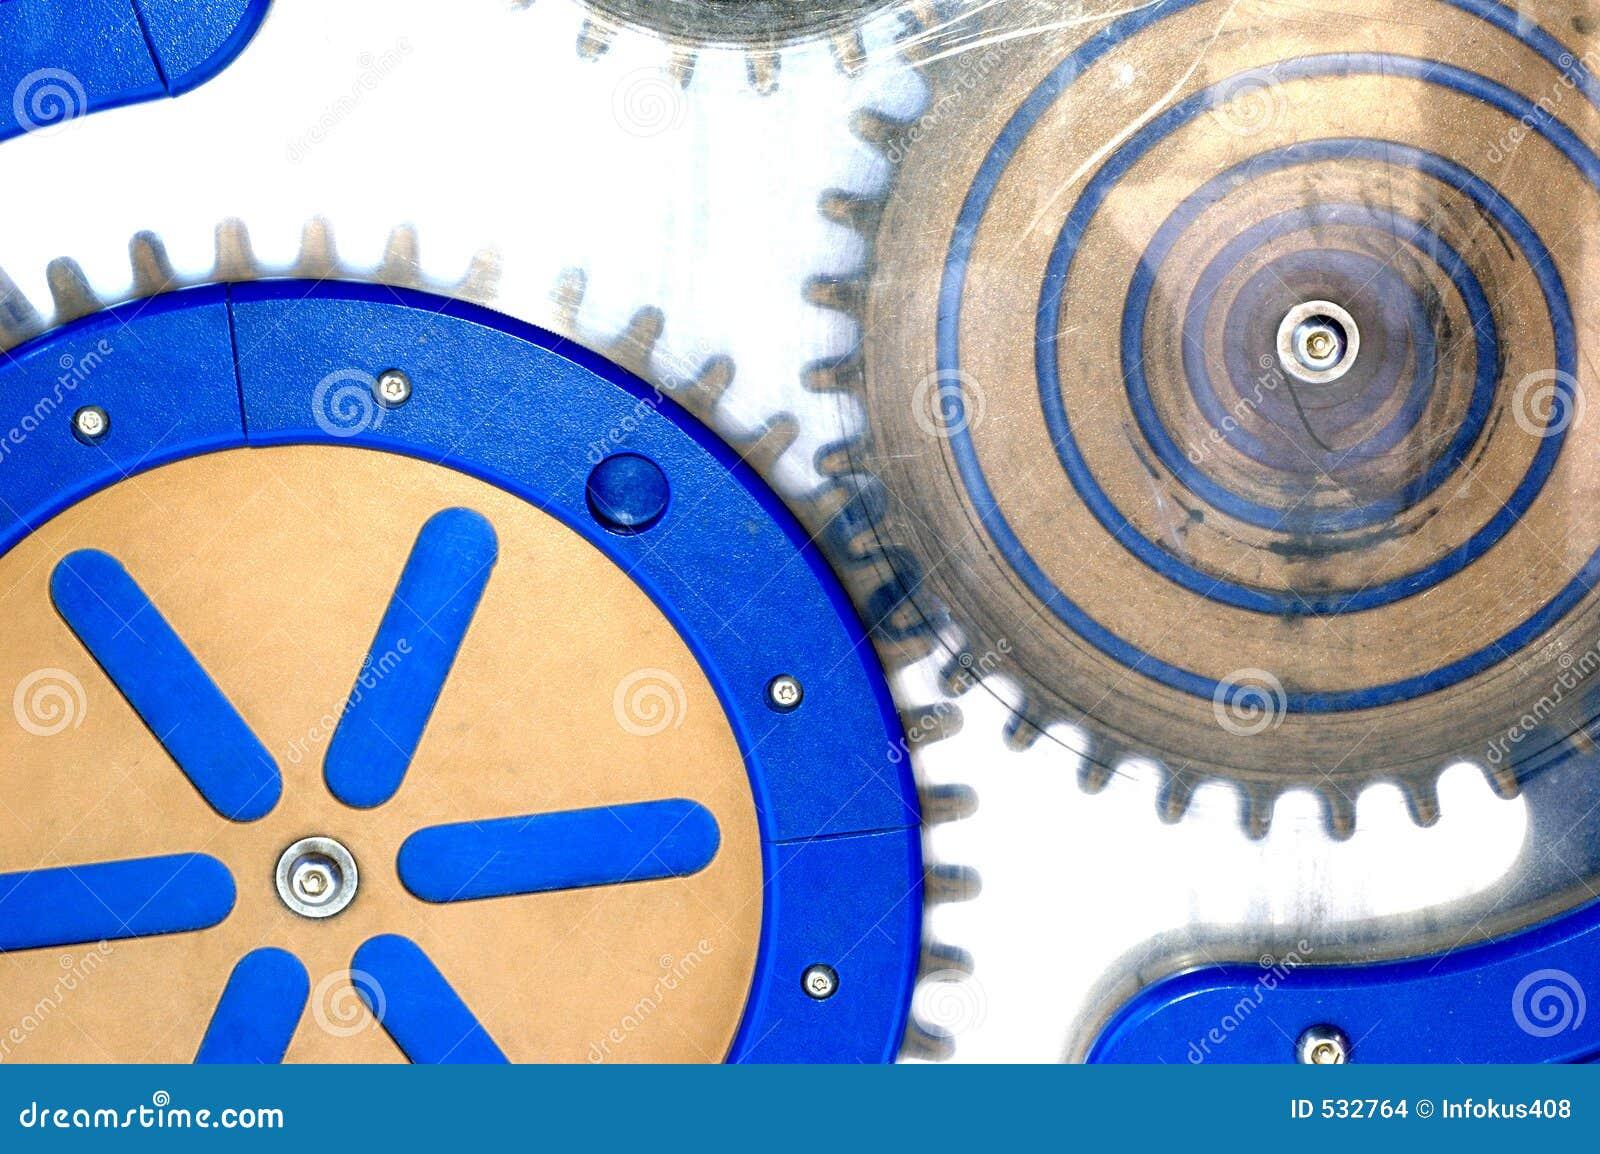 Download 齿轮轮 库存照片. 图片 包括有 行业, 齿轮, 能源, 仪器, 协作, 制造, 工厂, 连接, 引擎, 仍然 - 532764